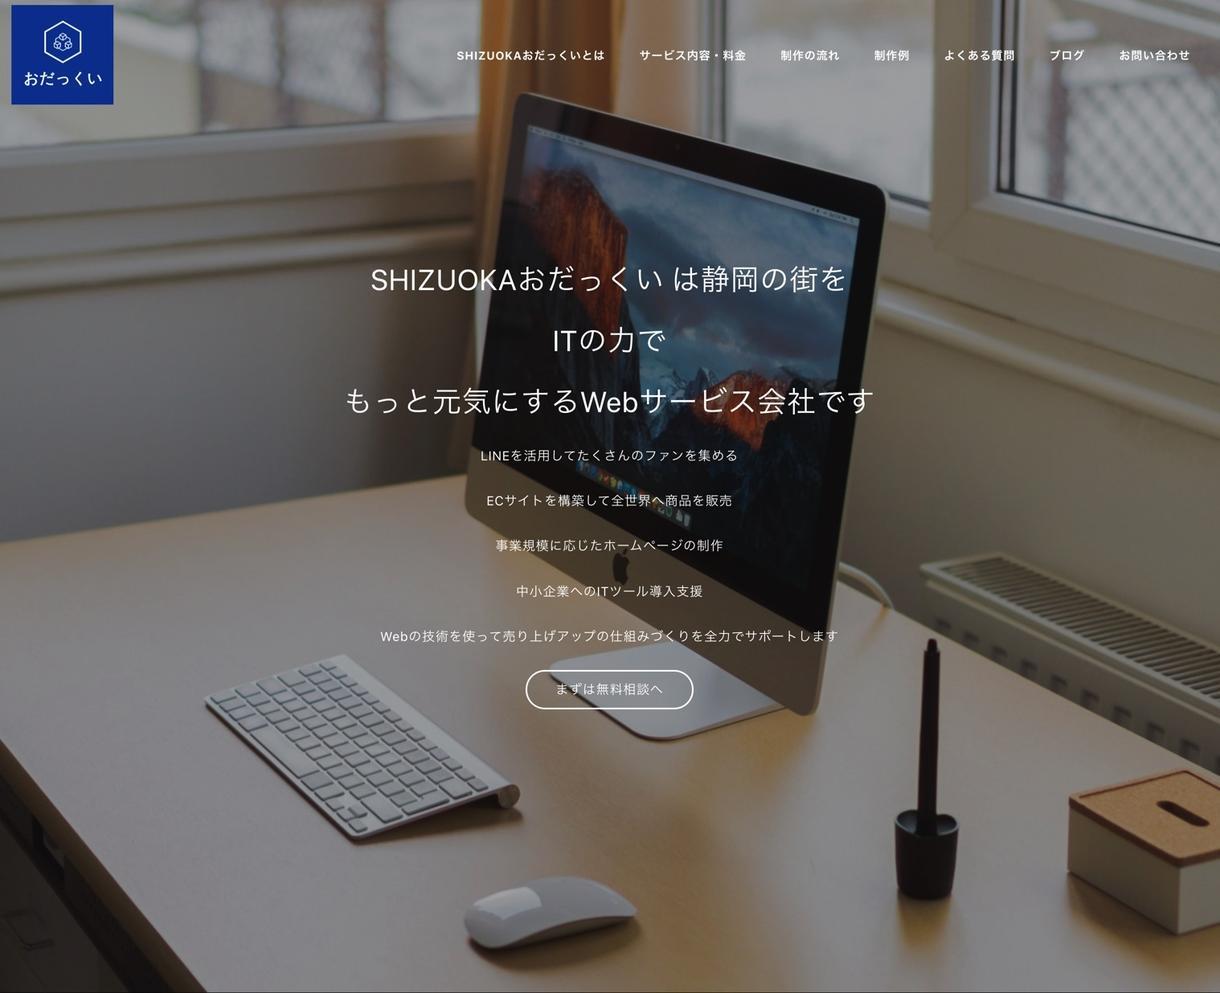 Shopifyオンラインショップを構築します コロナに打ち勝とう! 今だけ超安キャンペーン! イメージ1